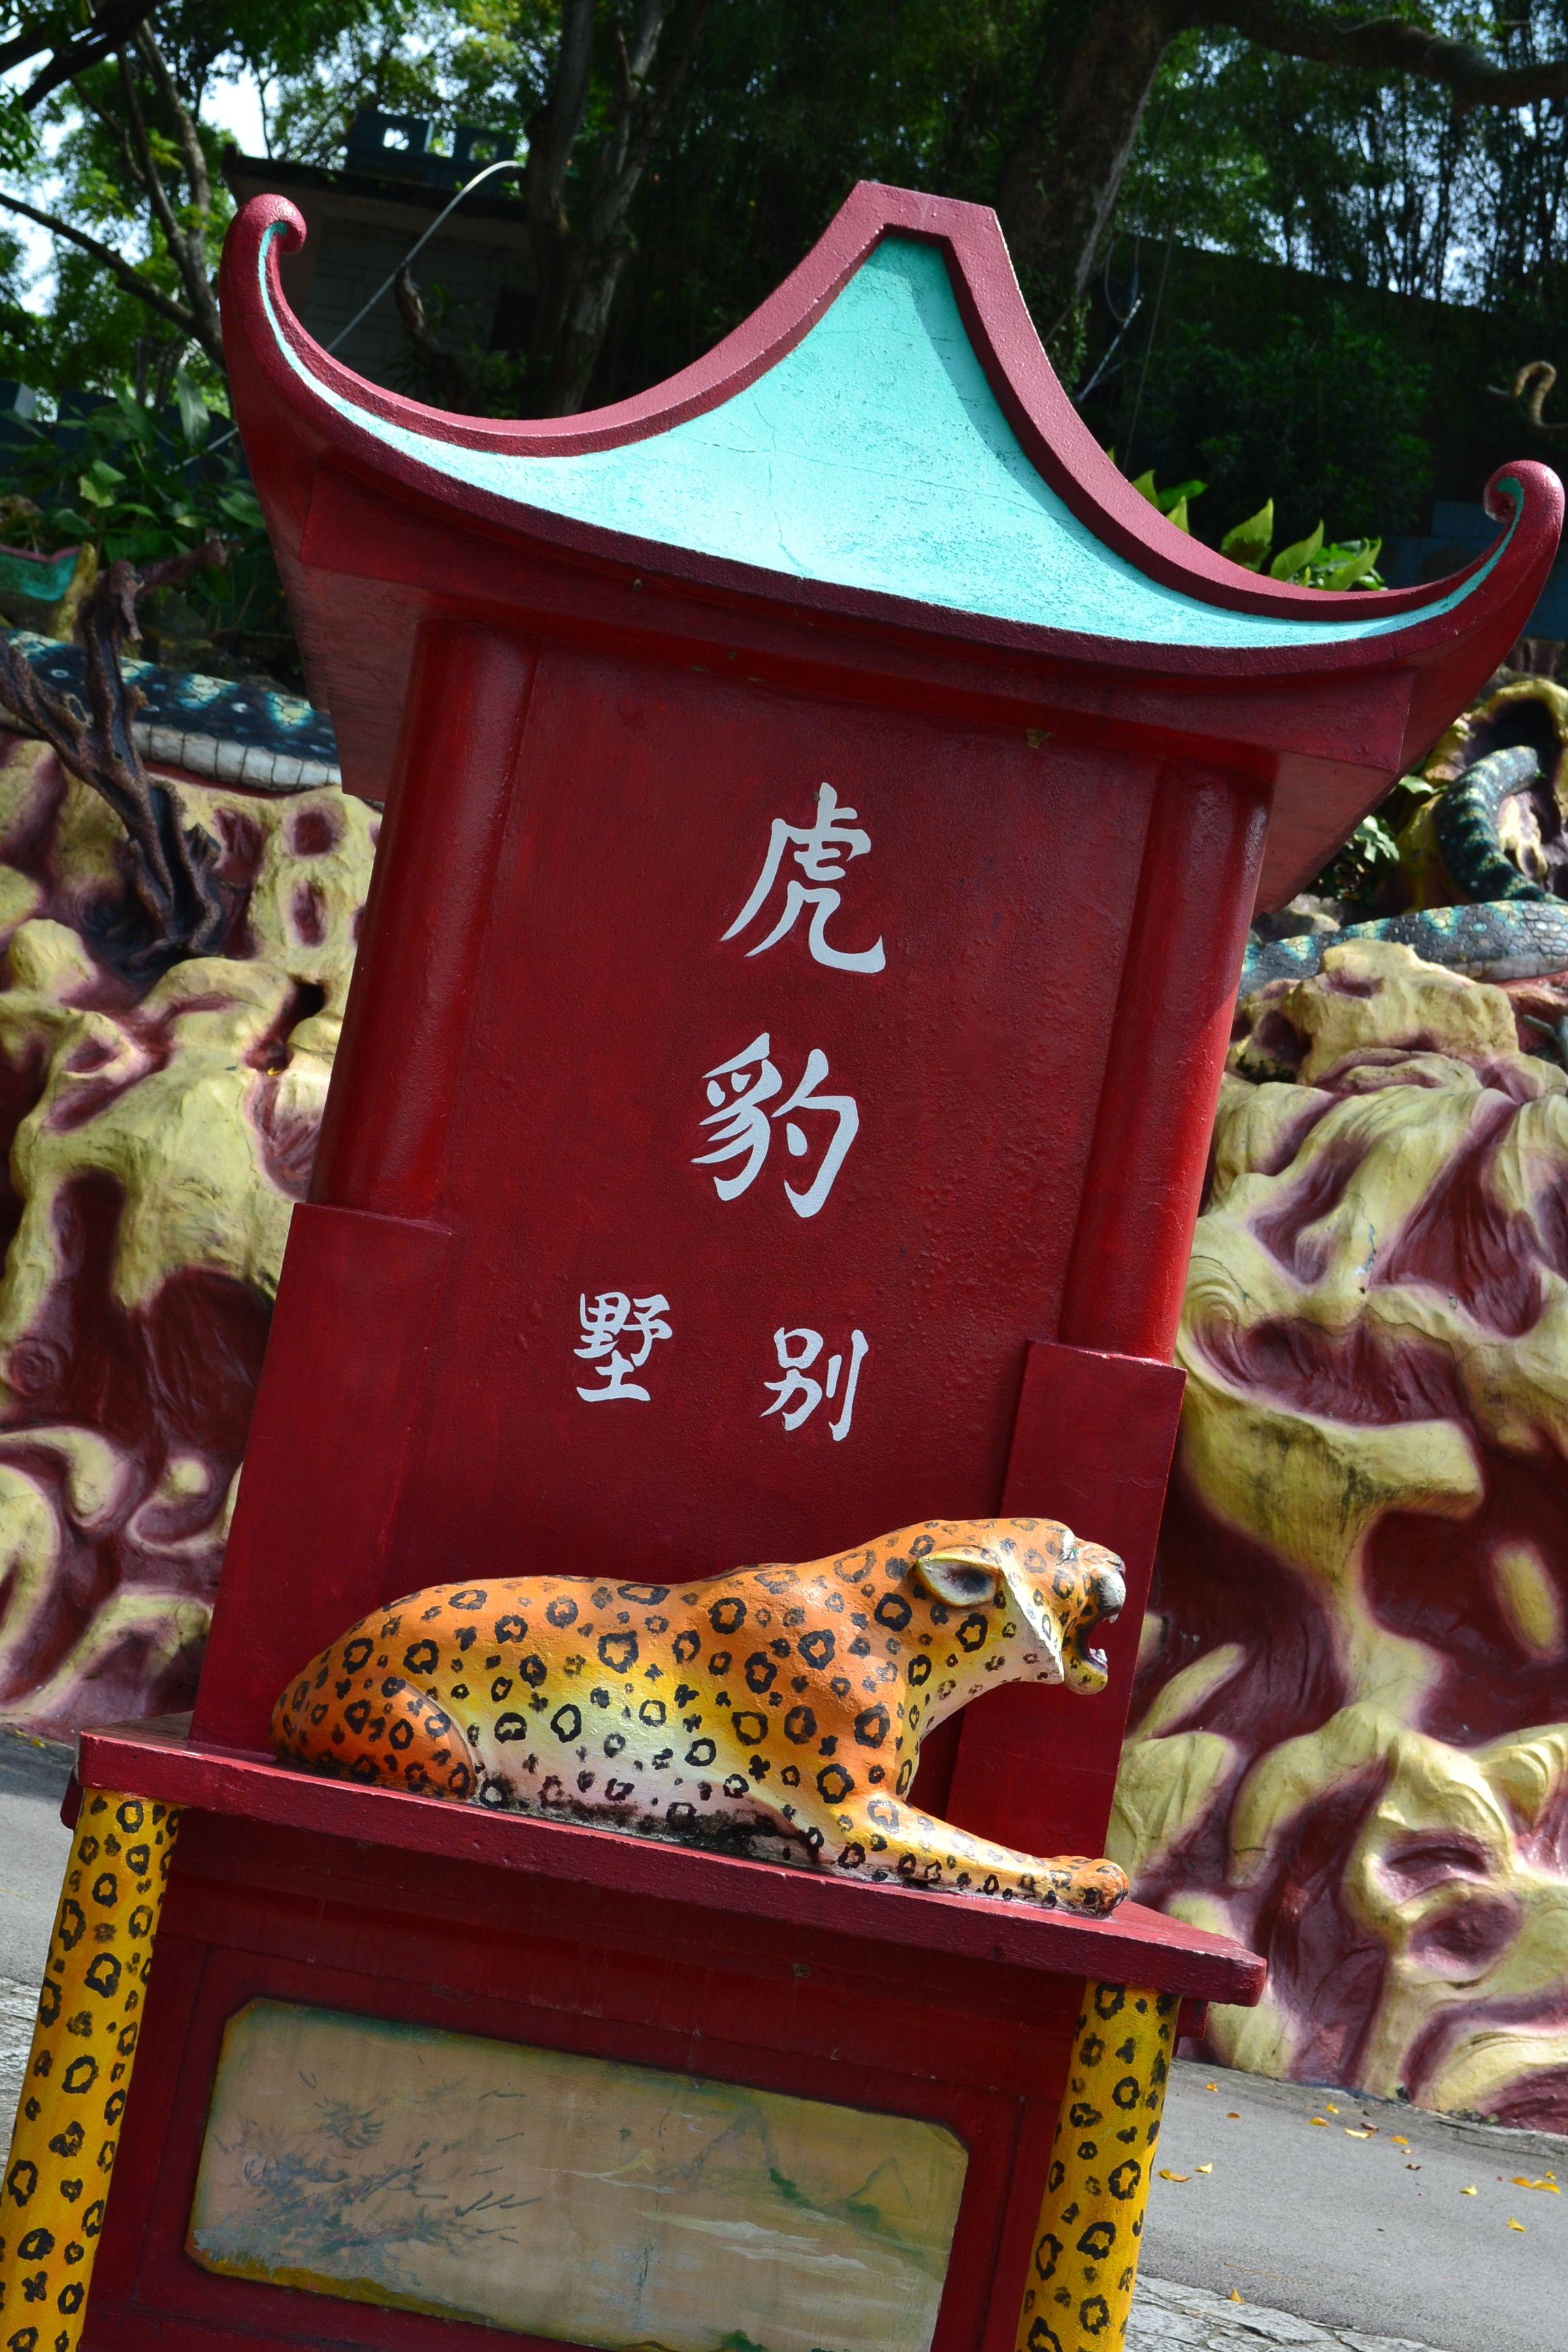 A leopard guarding the entrance of haw par villa